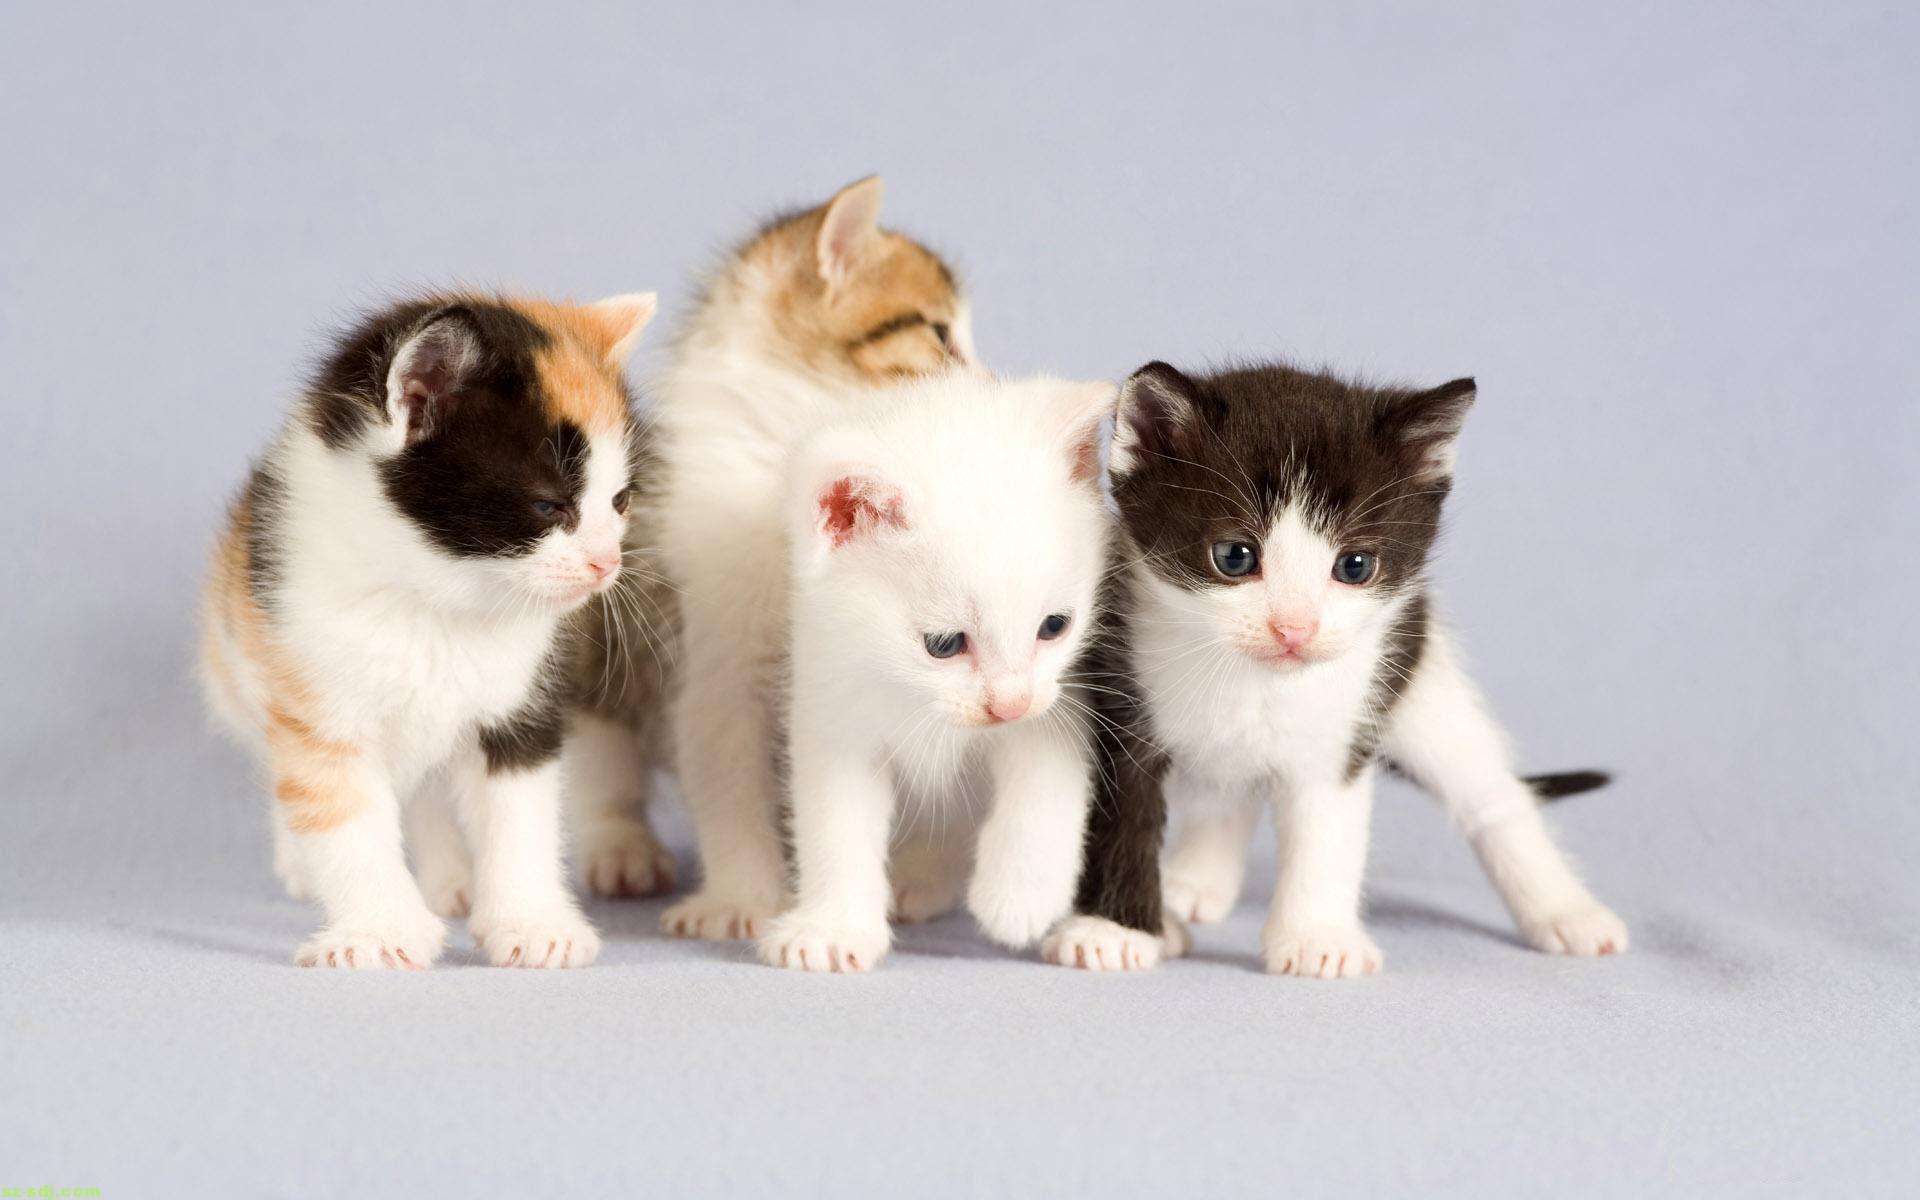 Hình nền những chú mèo đáng yêu ngộ nghĩnh cho máy tính